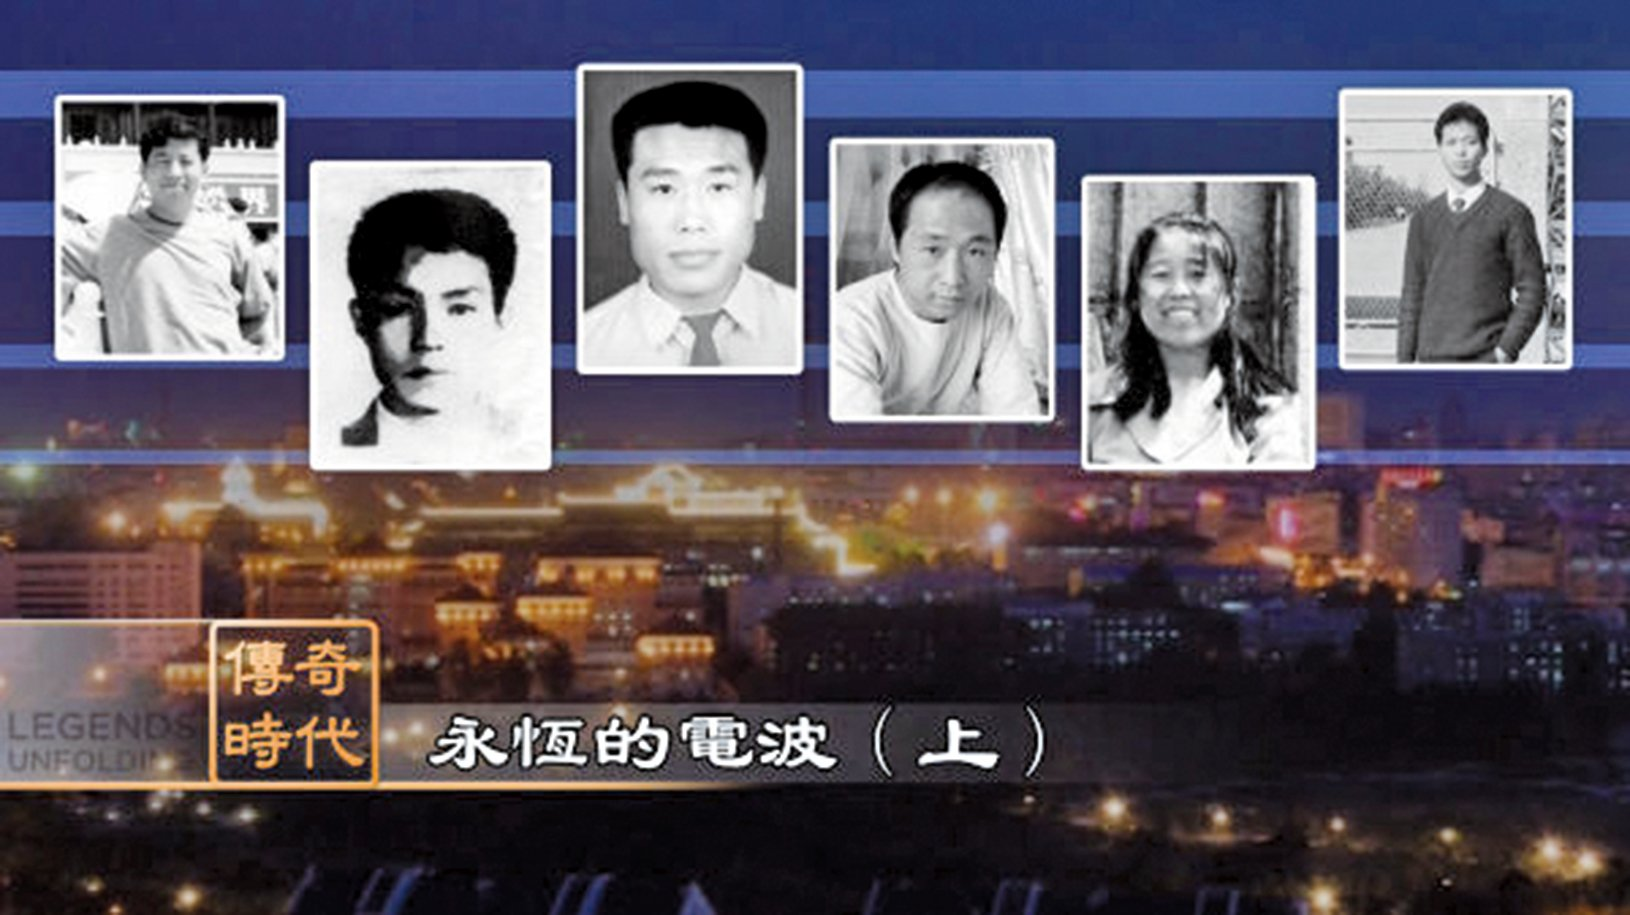 2002年3月5日,長春電視插播事件震驚中外,參與者很多人被中共判重刑或酷刑致死。左起梁振興、侯明凱、劉成軍、雷明、沈劍利、劉海波。(新唐人合成)